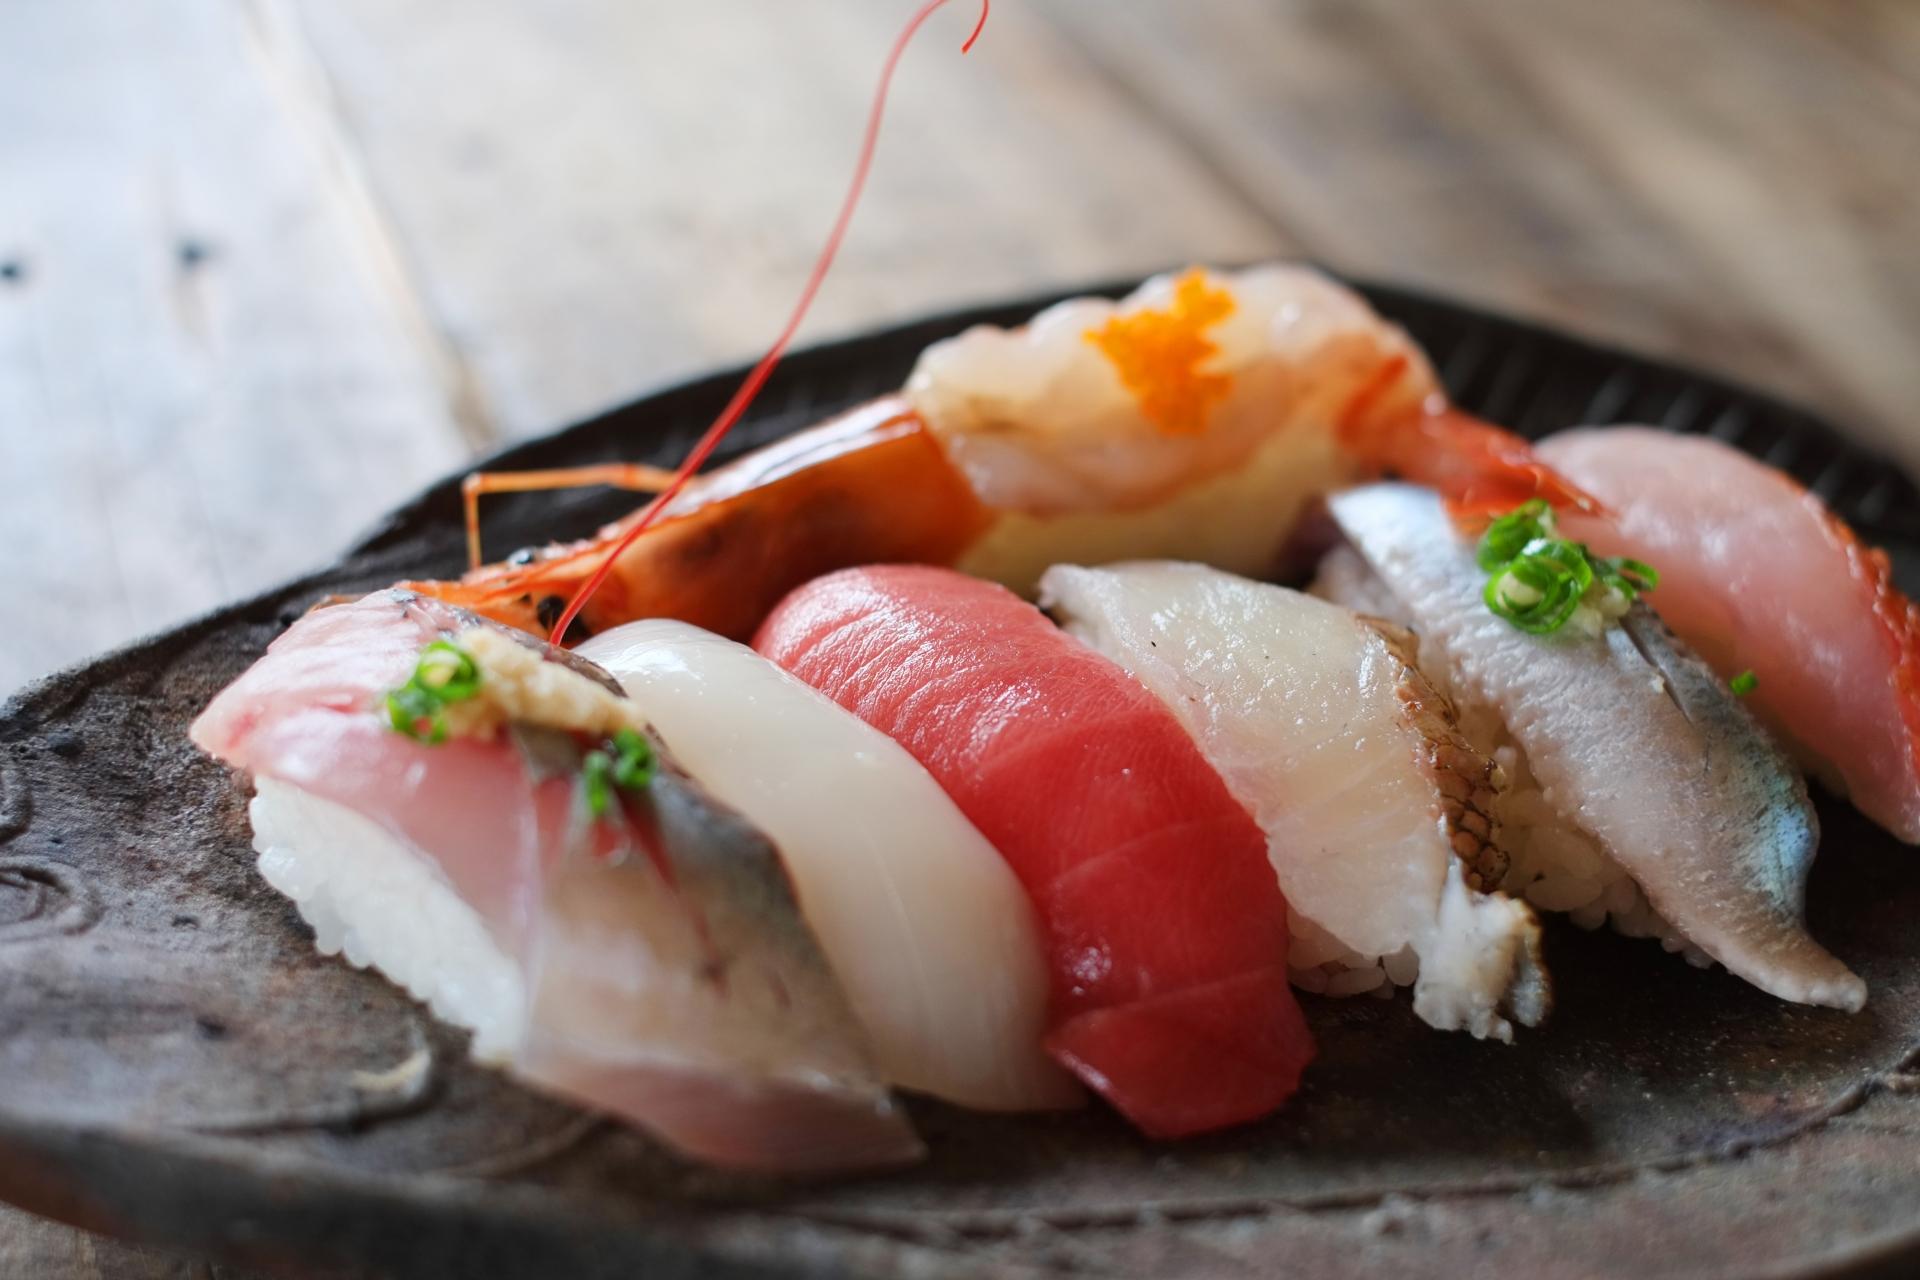 町田の寿司屋さんTOP10!安いお店から高級店までどれもおすすめ!